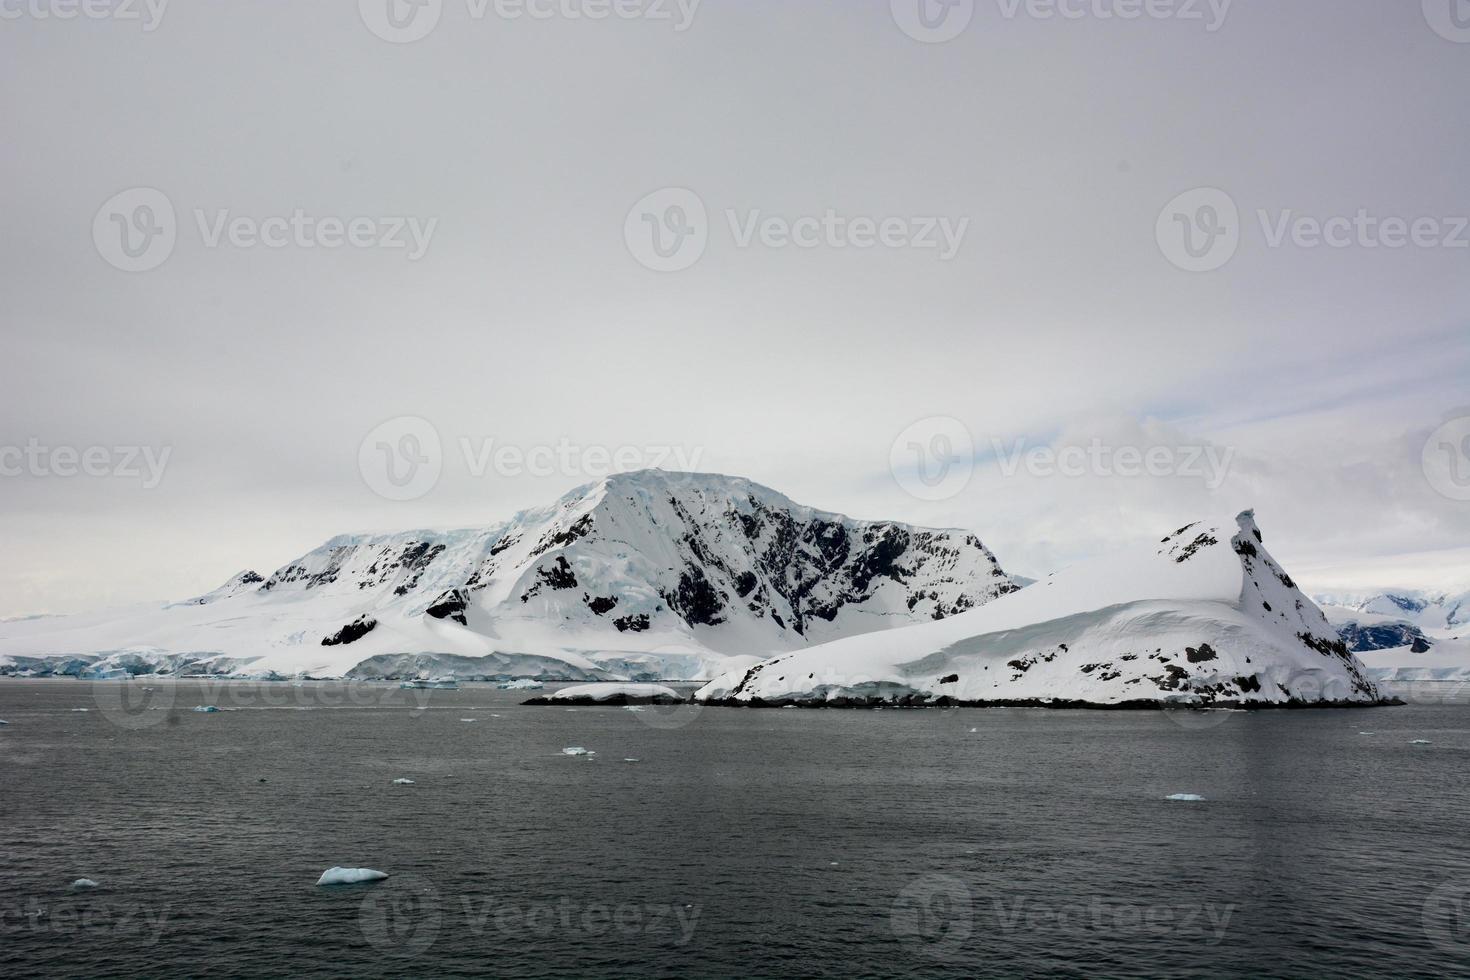 Montagne noire enneigée en Antarctique photo